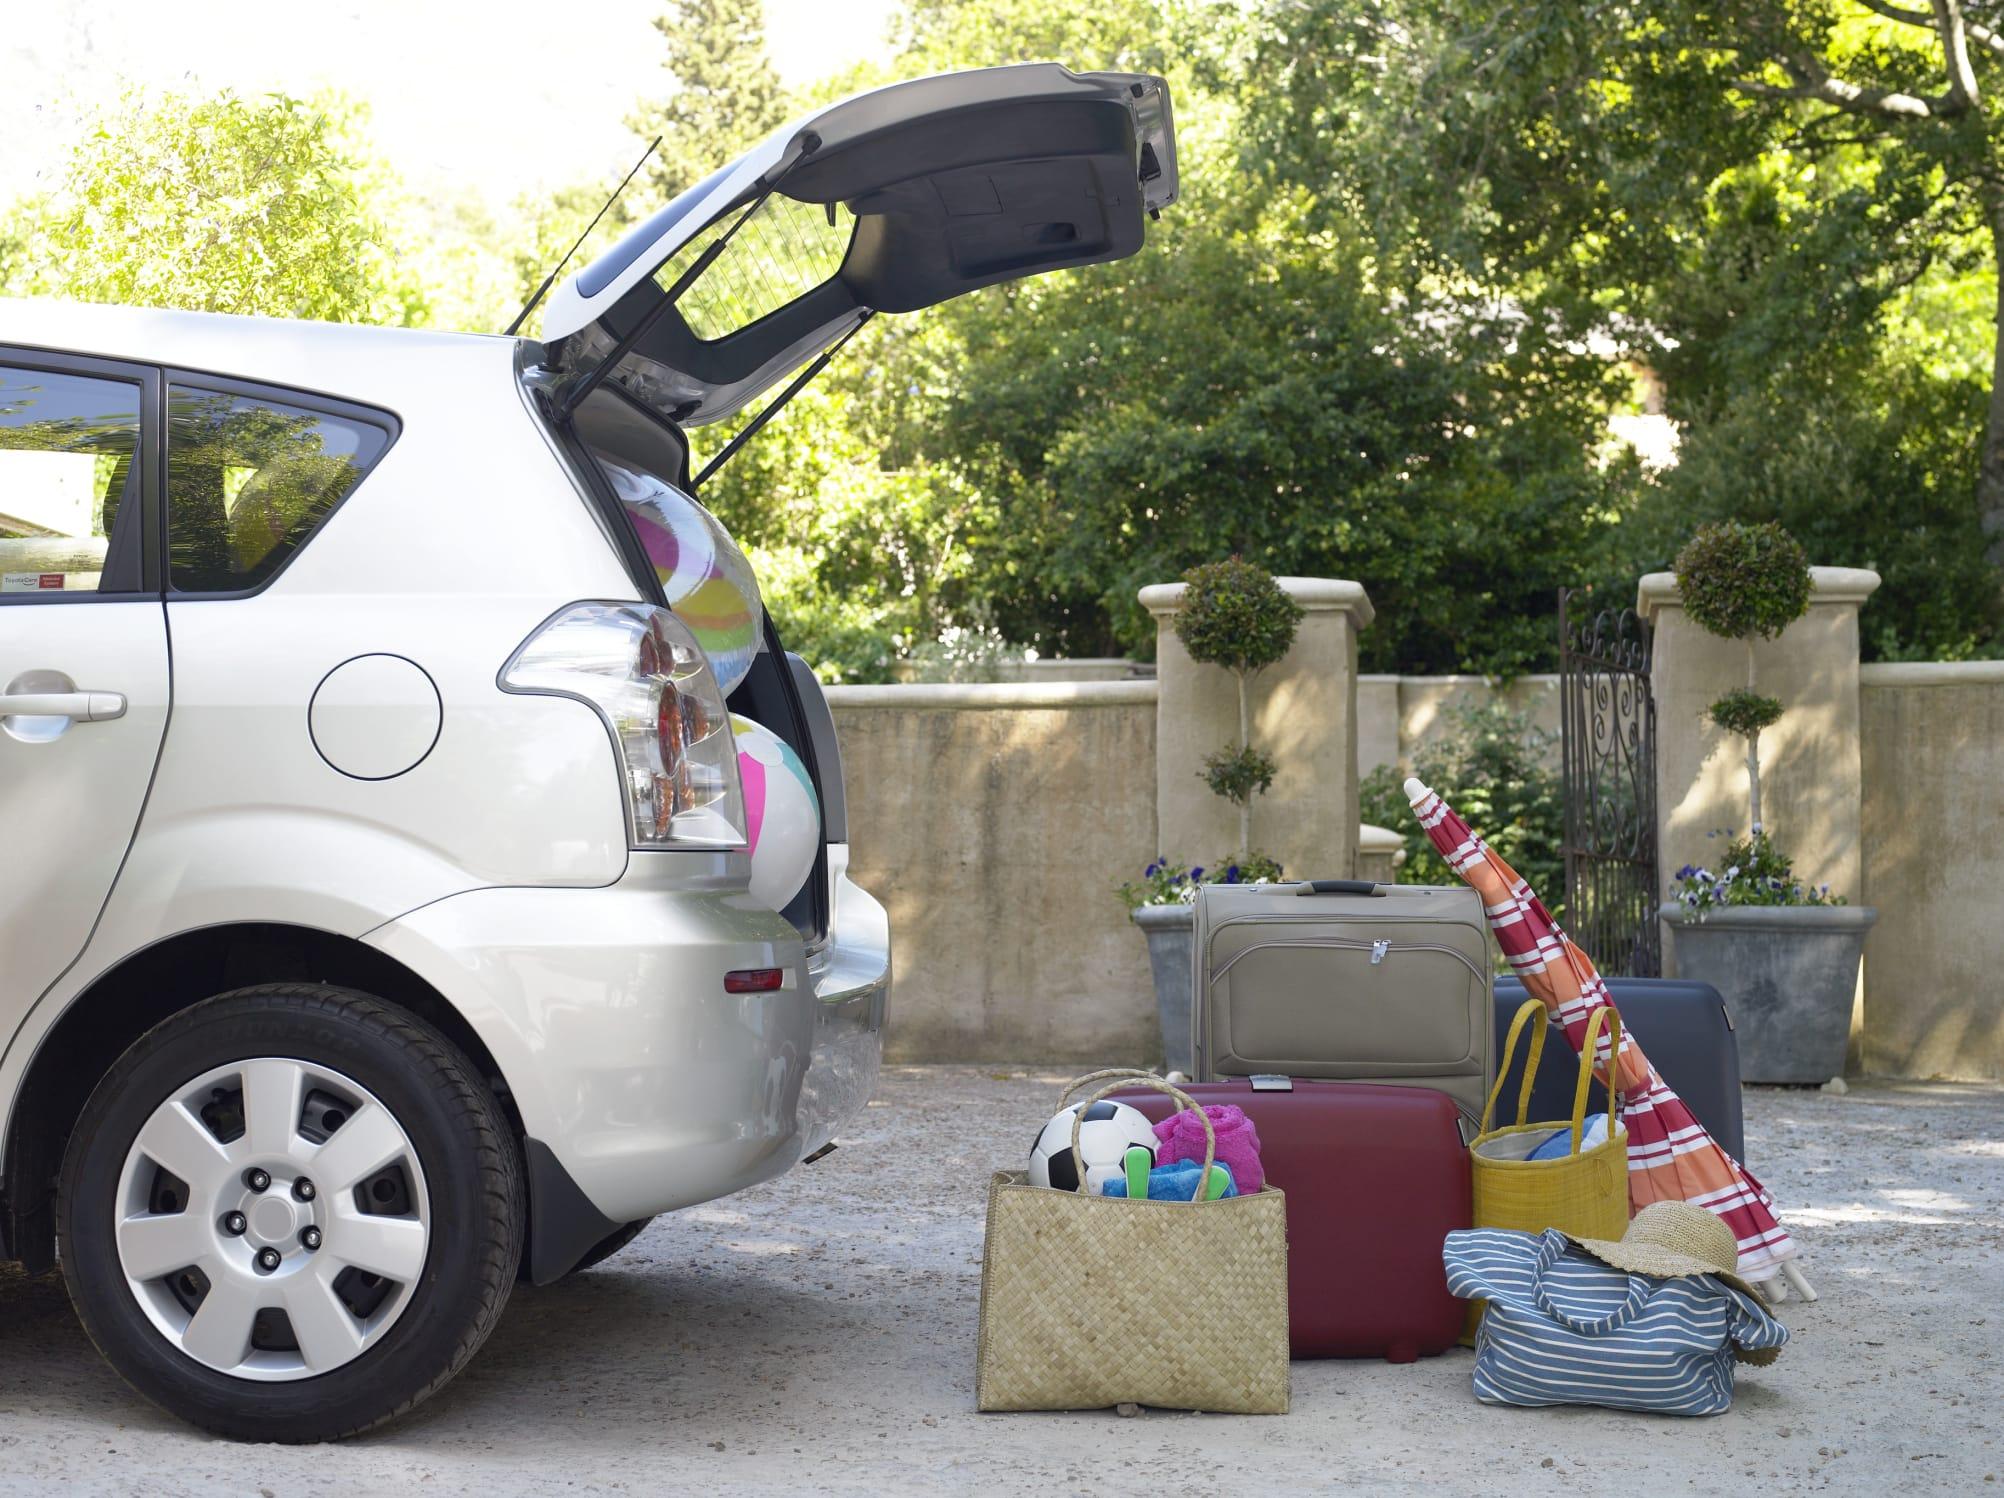 regole per viaggiare sicuri in auto